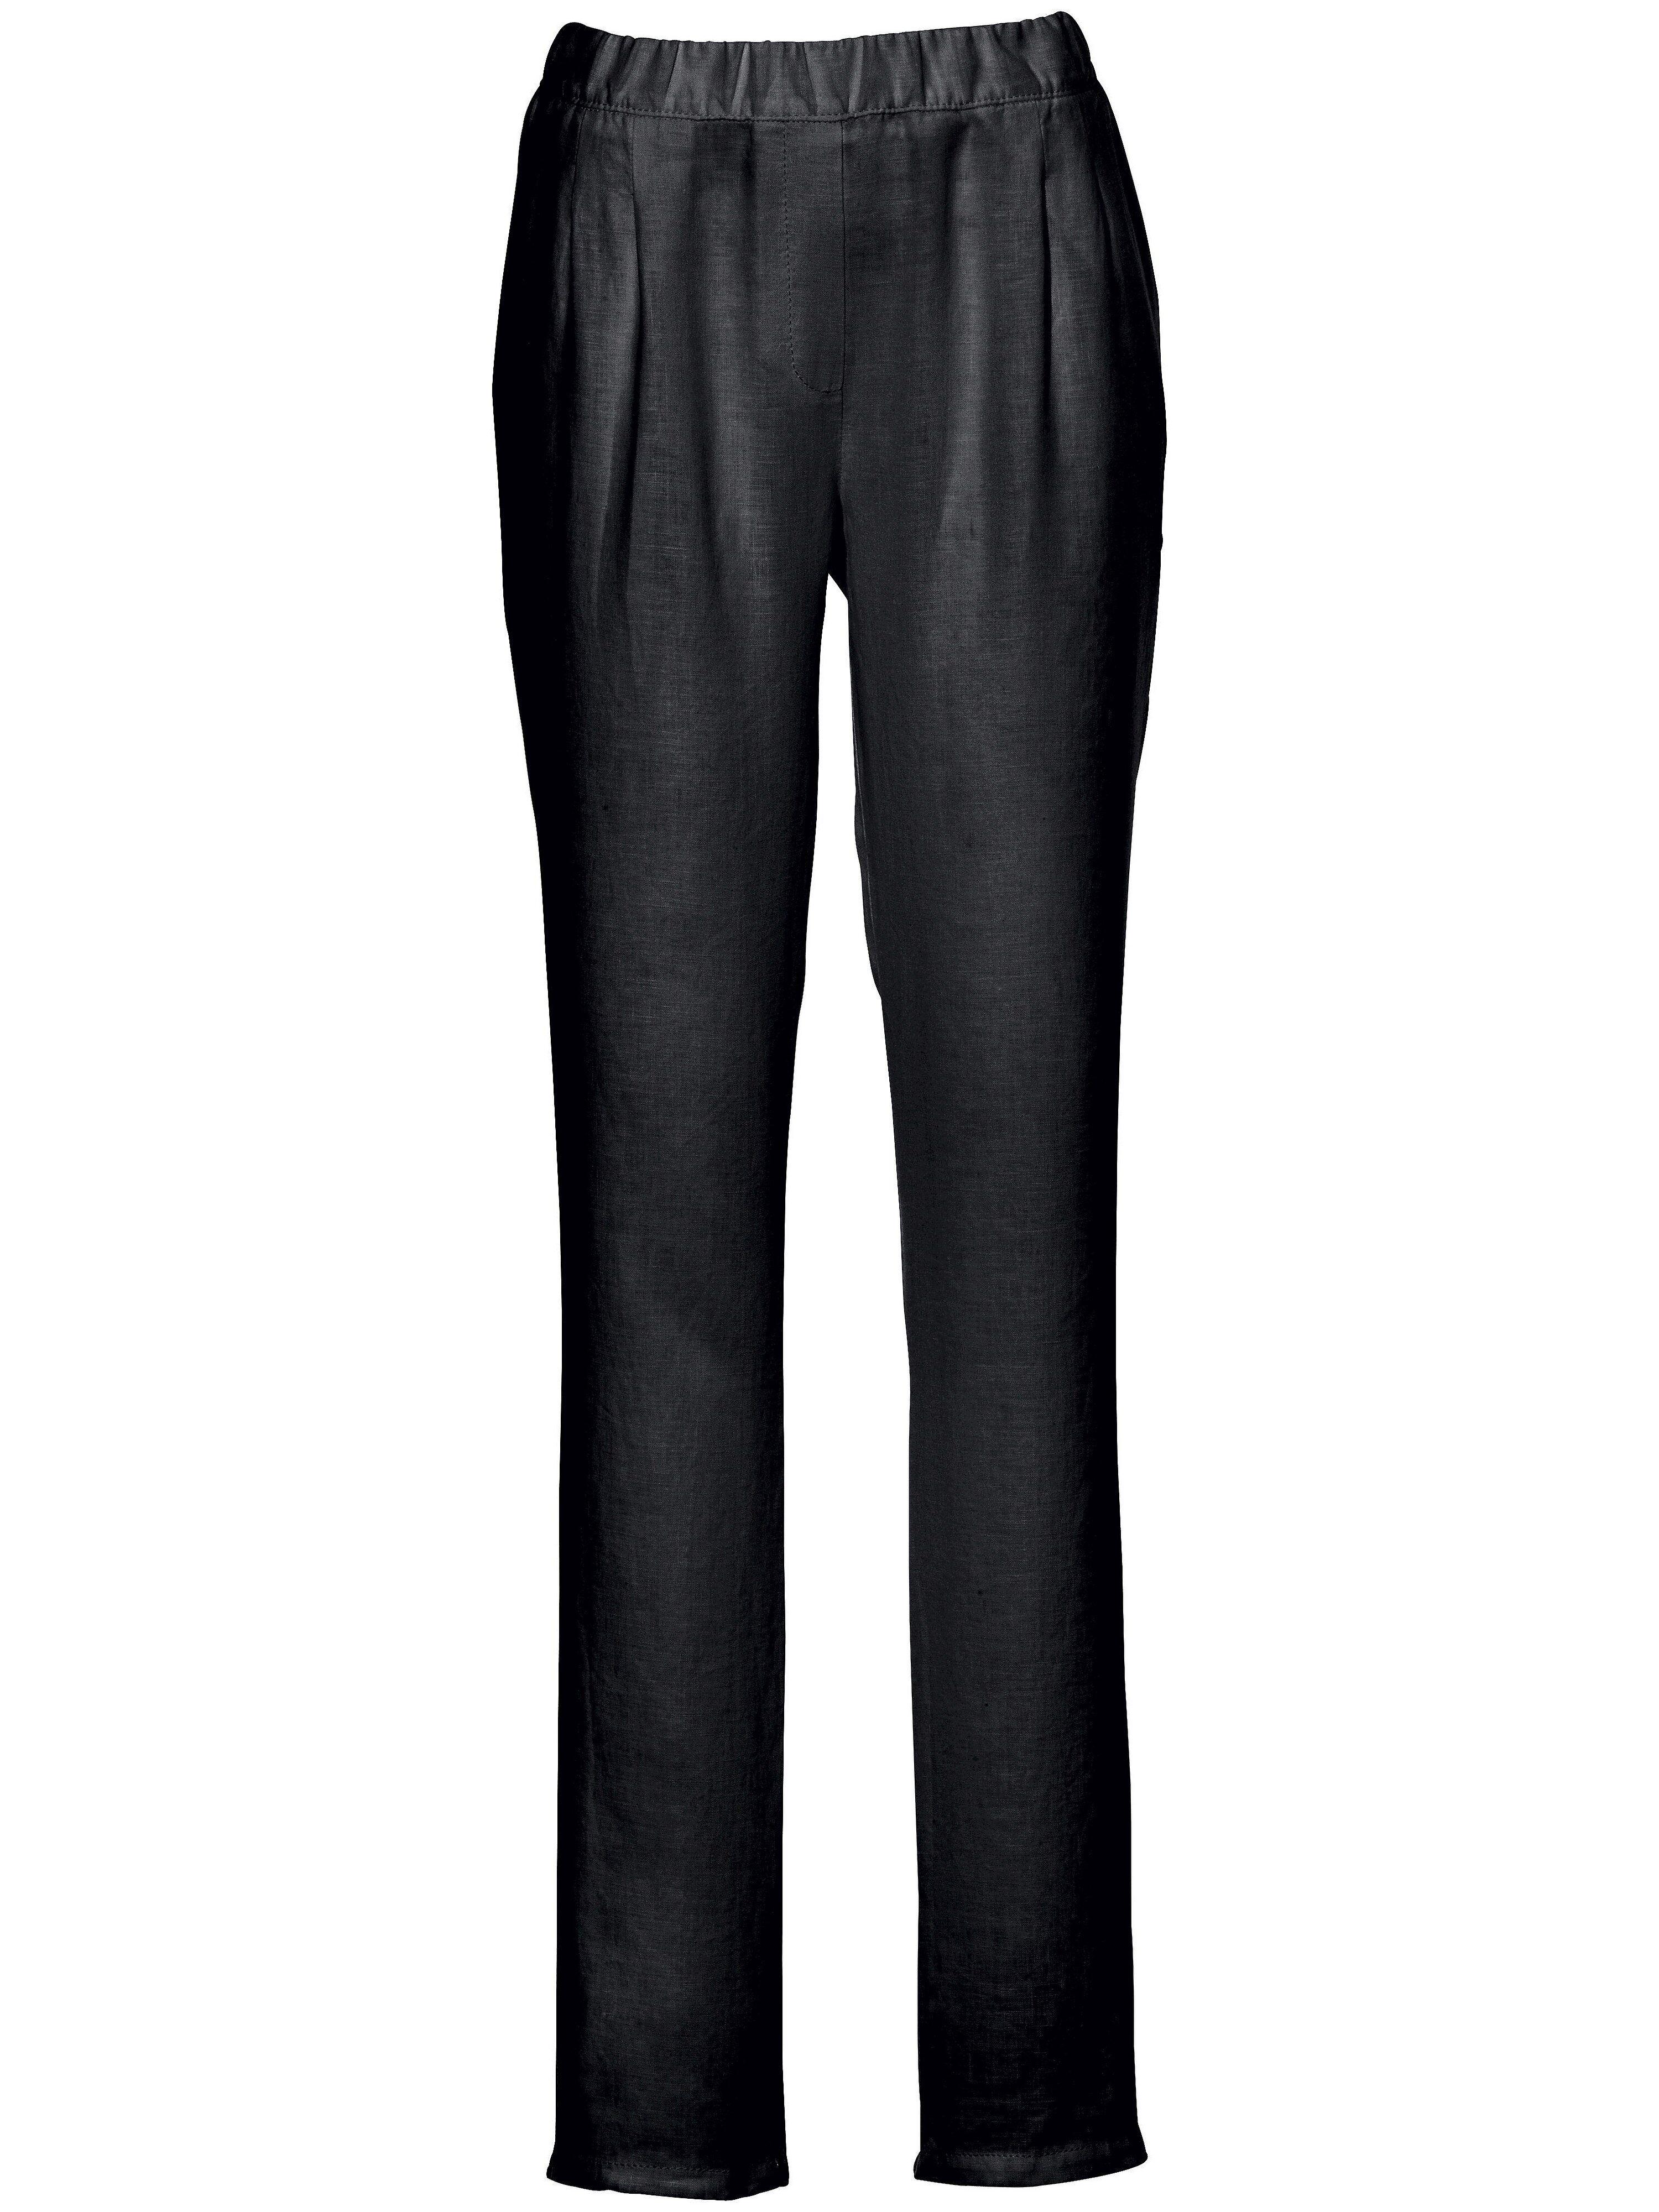 Peter Hahn Le pantalon à pinces  Peter Hahn noir  - Femme - 23